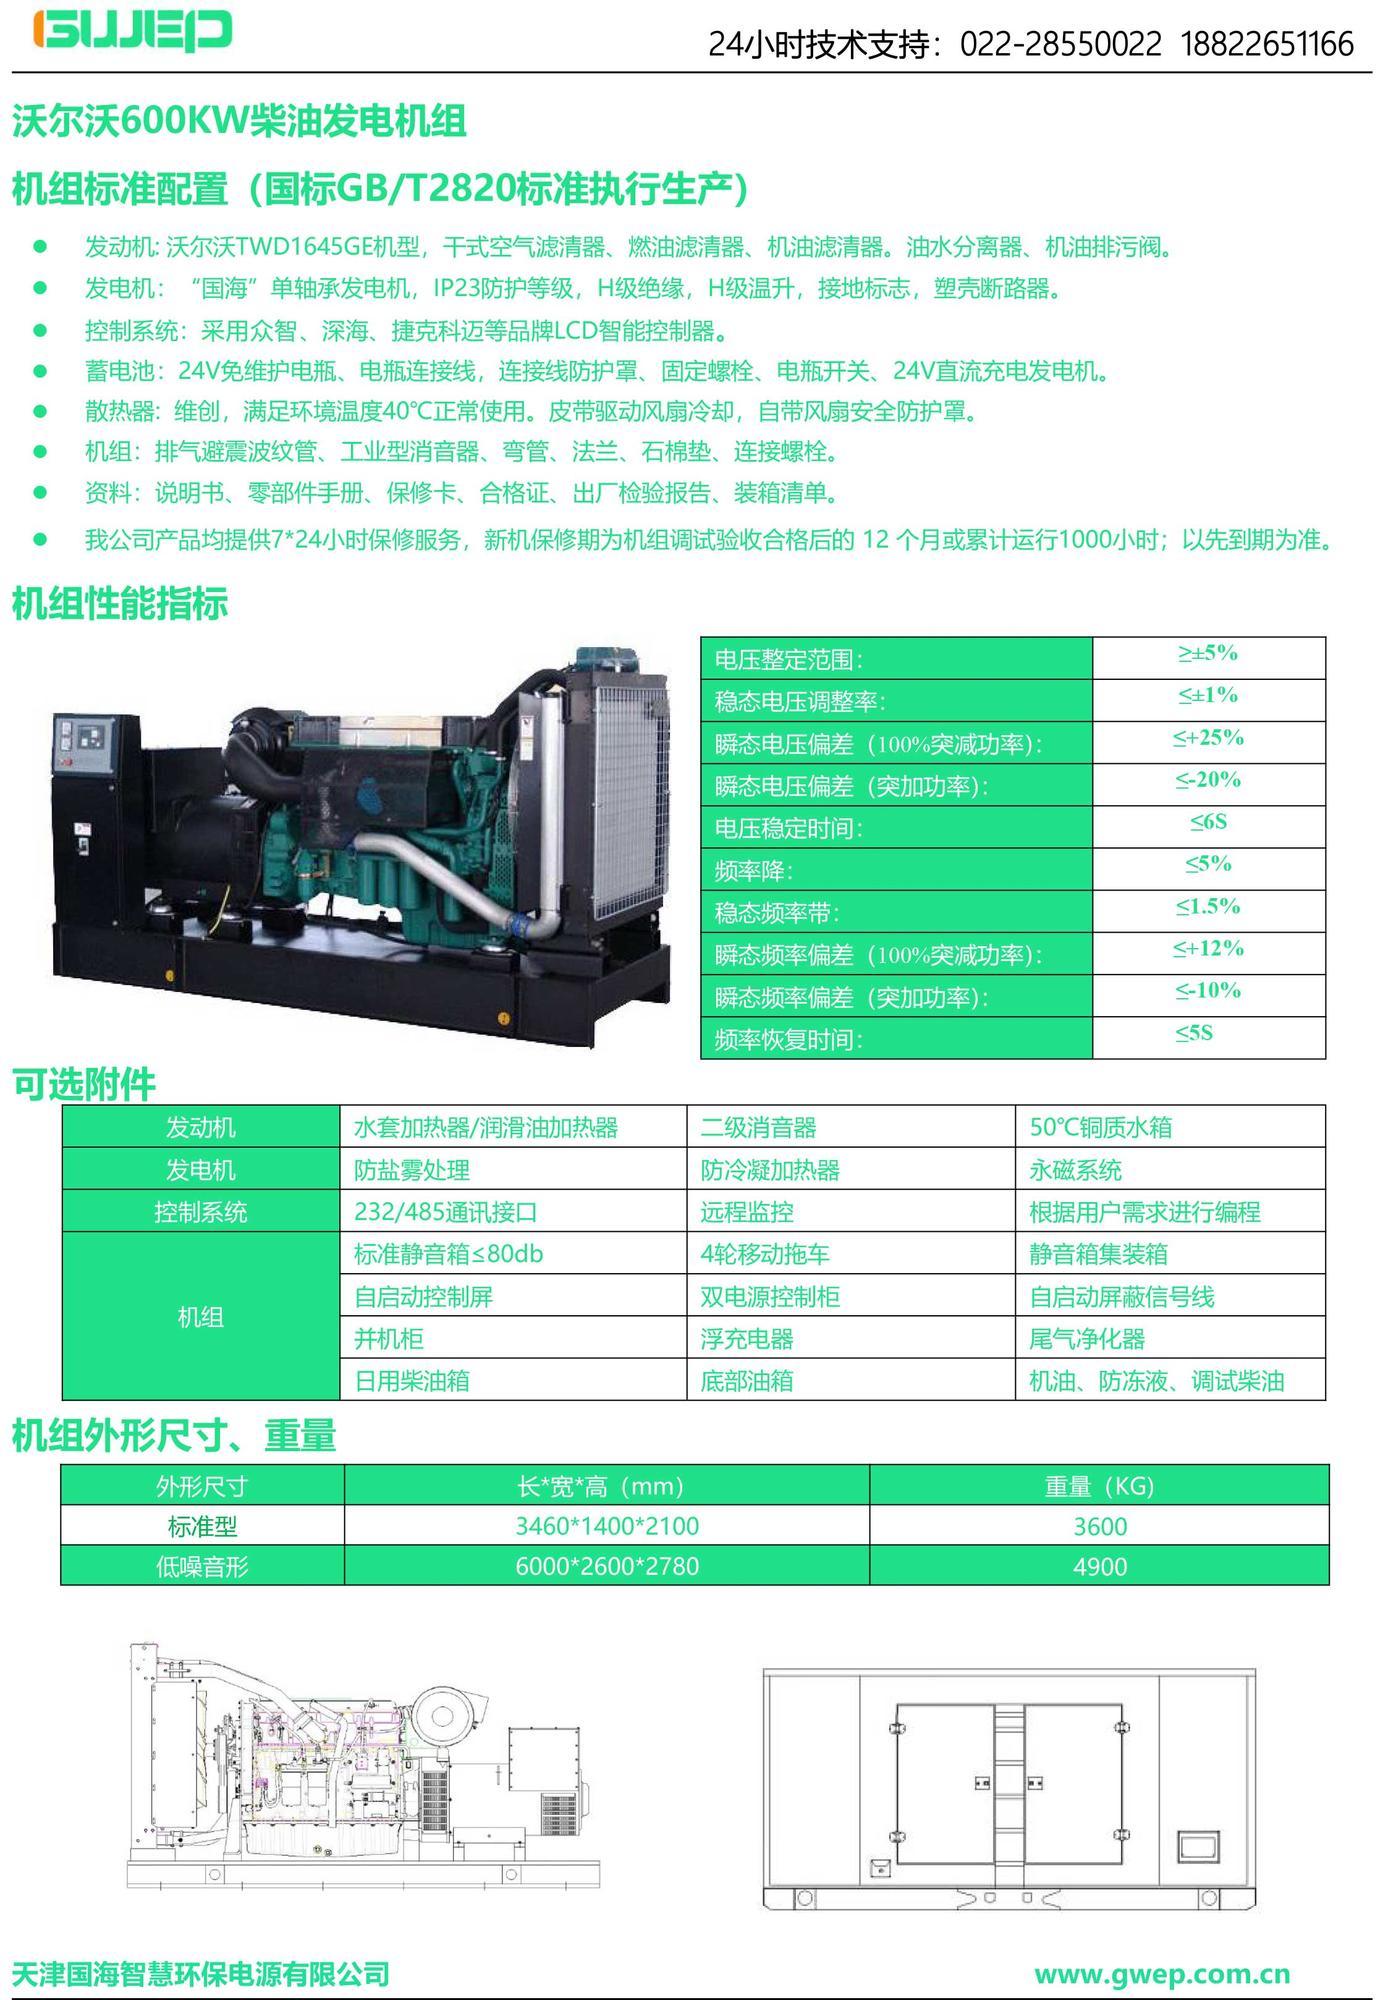 沃尔沃600KW发电机组技术资料-1.jpg